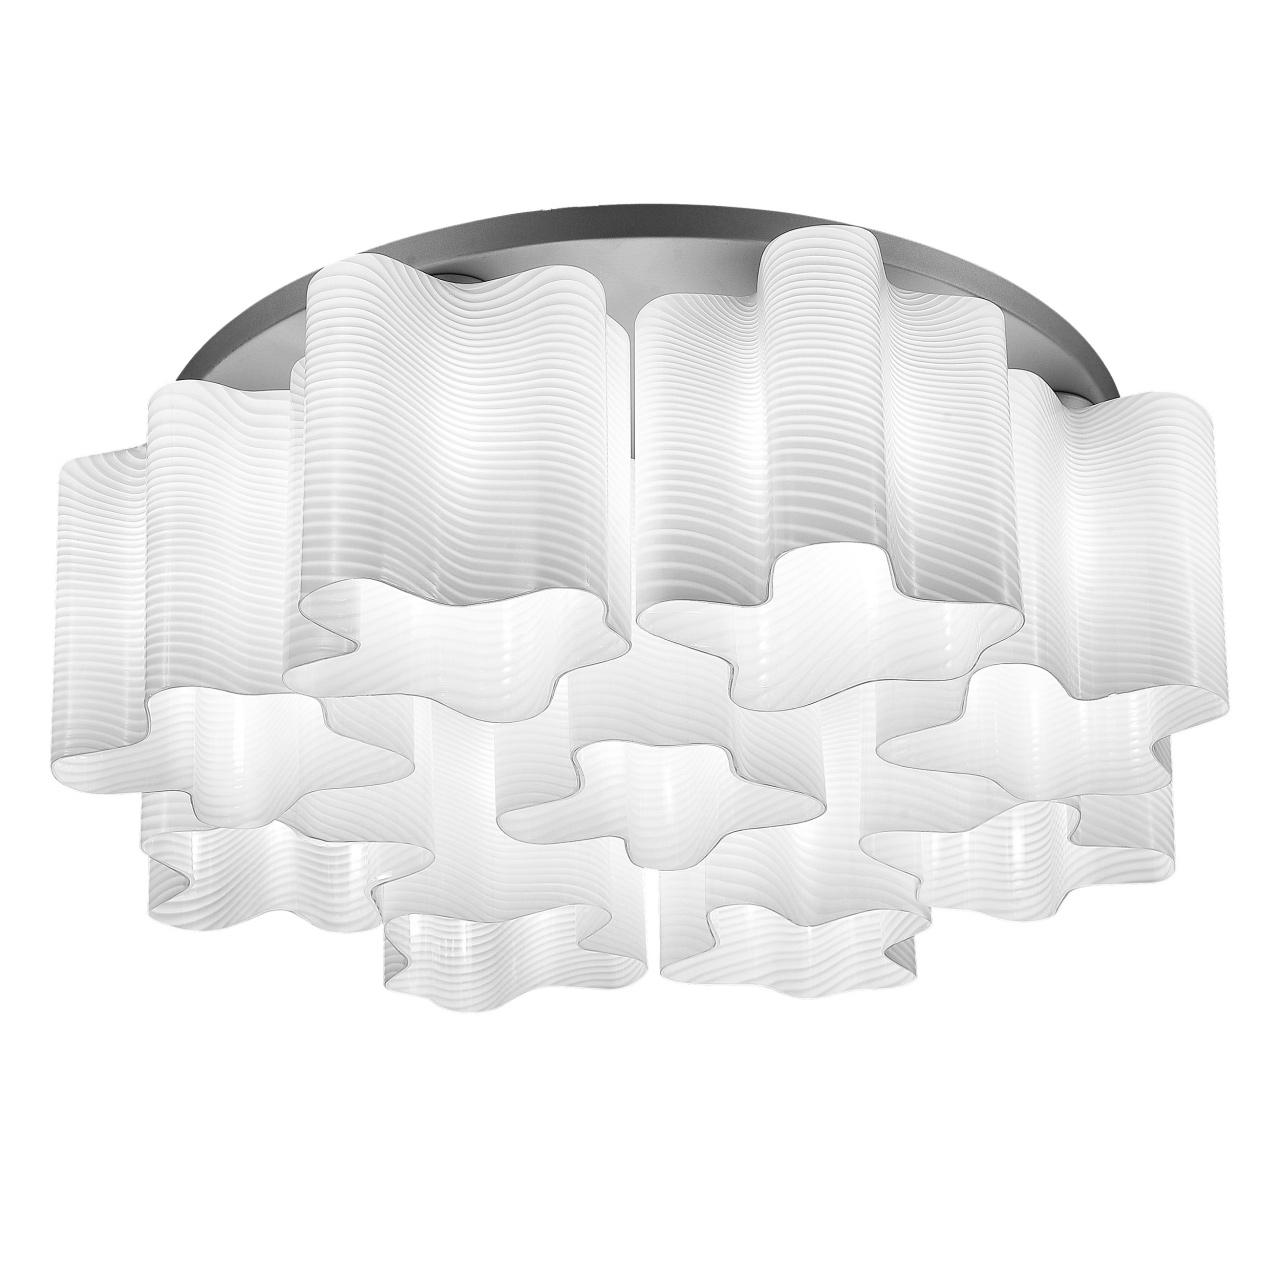 Люстра потолочная Nubi Ondoso 9х40W E27 белый / хром полосатый Lightstar 802091